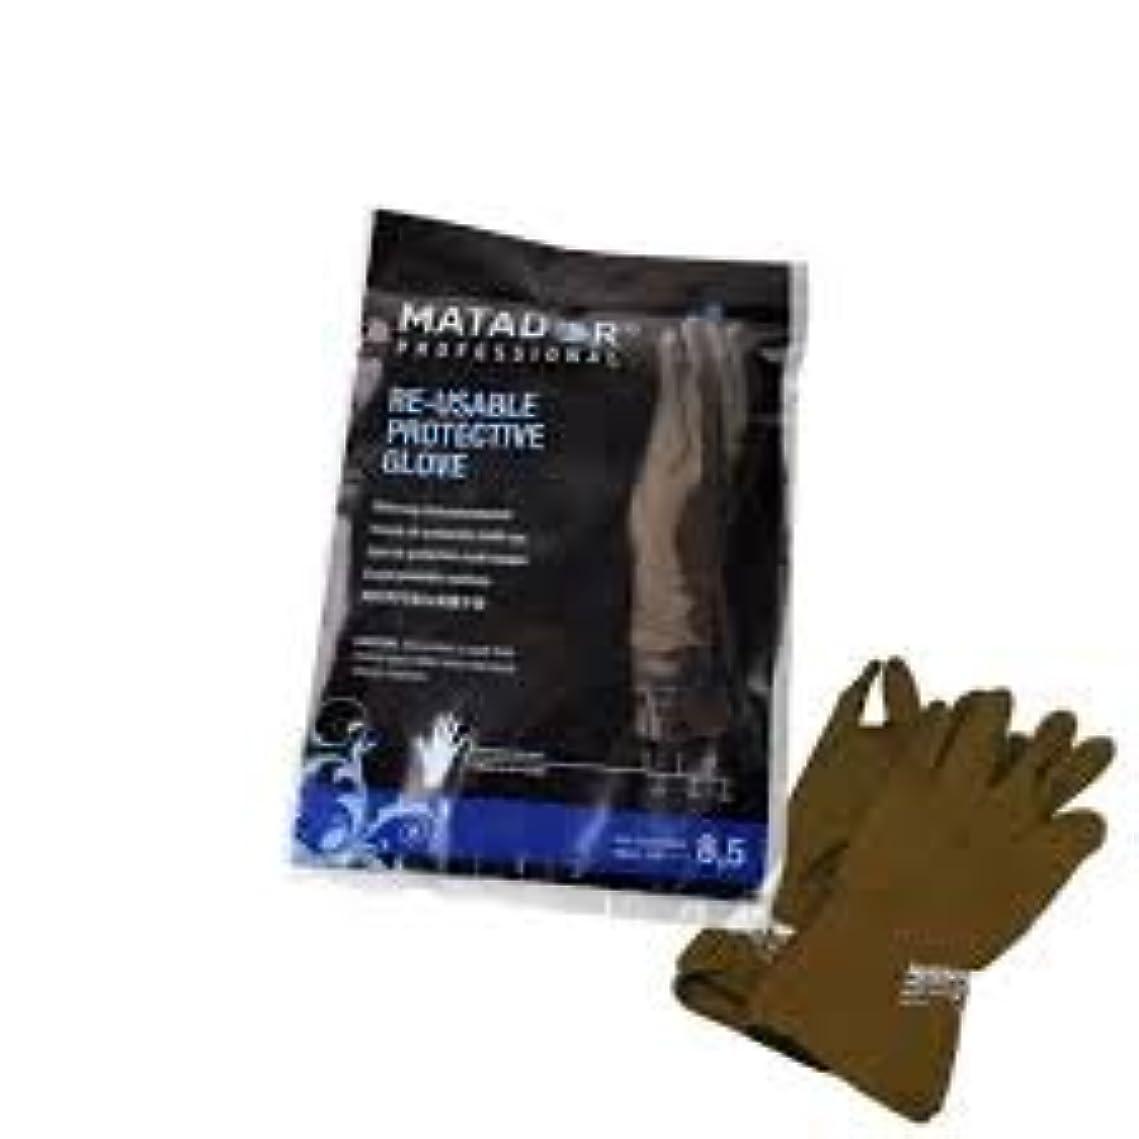 プレゼンテーションコントロールファイバマタドールゴム手袋 8.5吋 【10個セット】